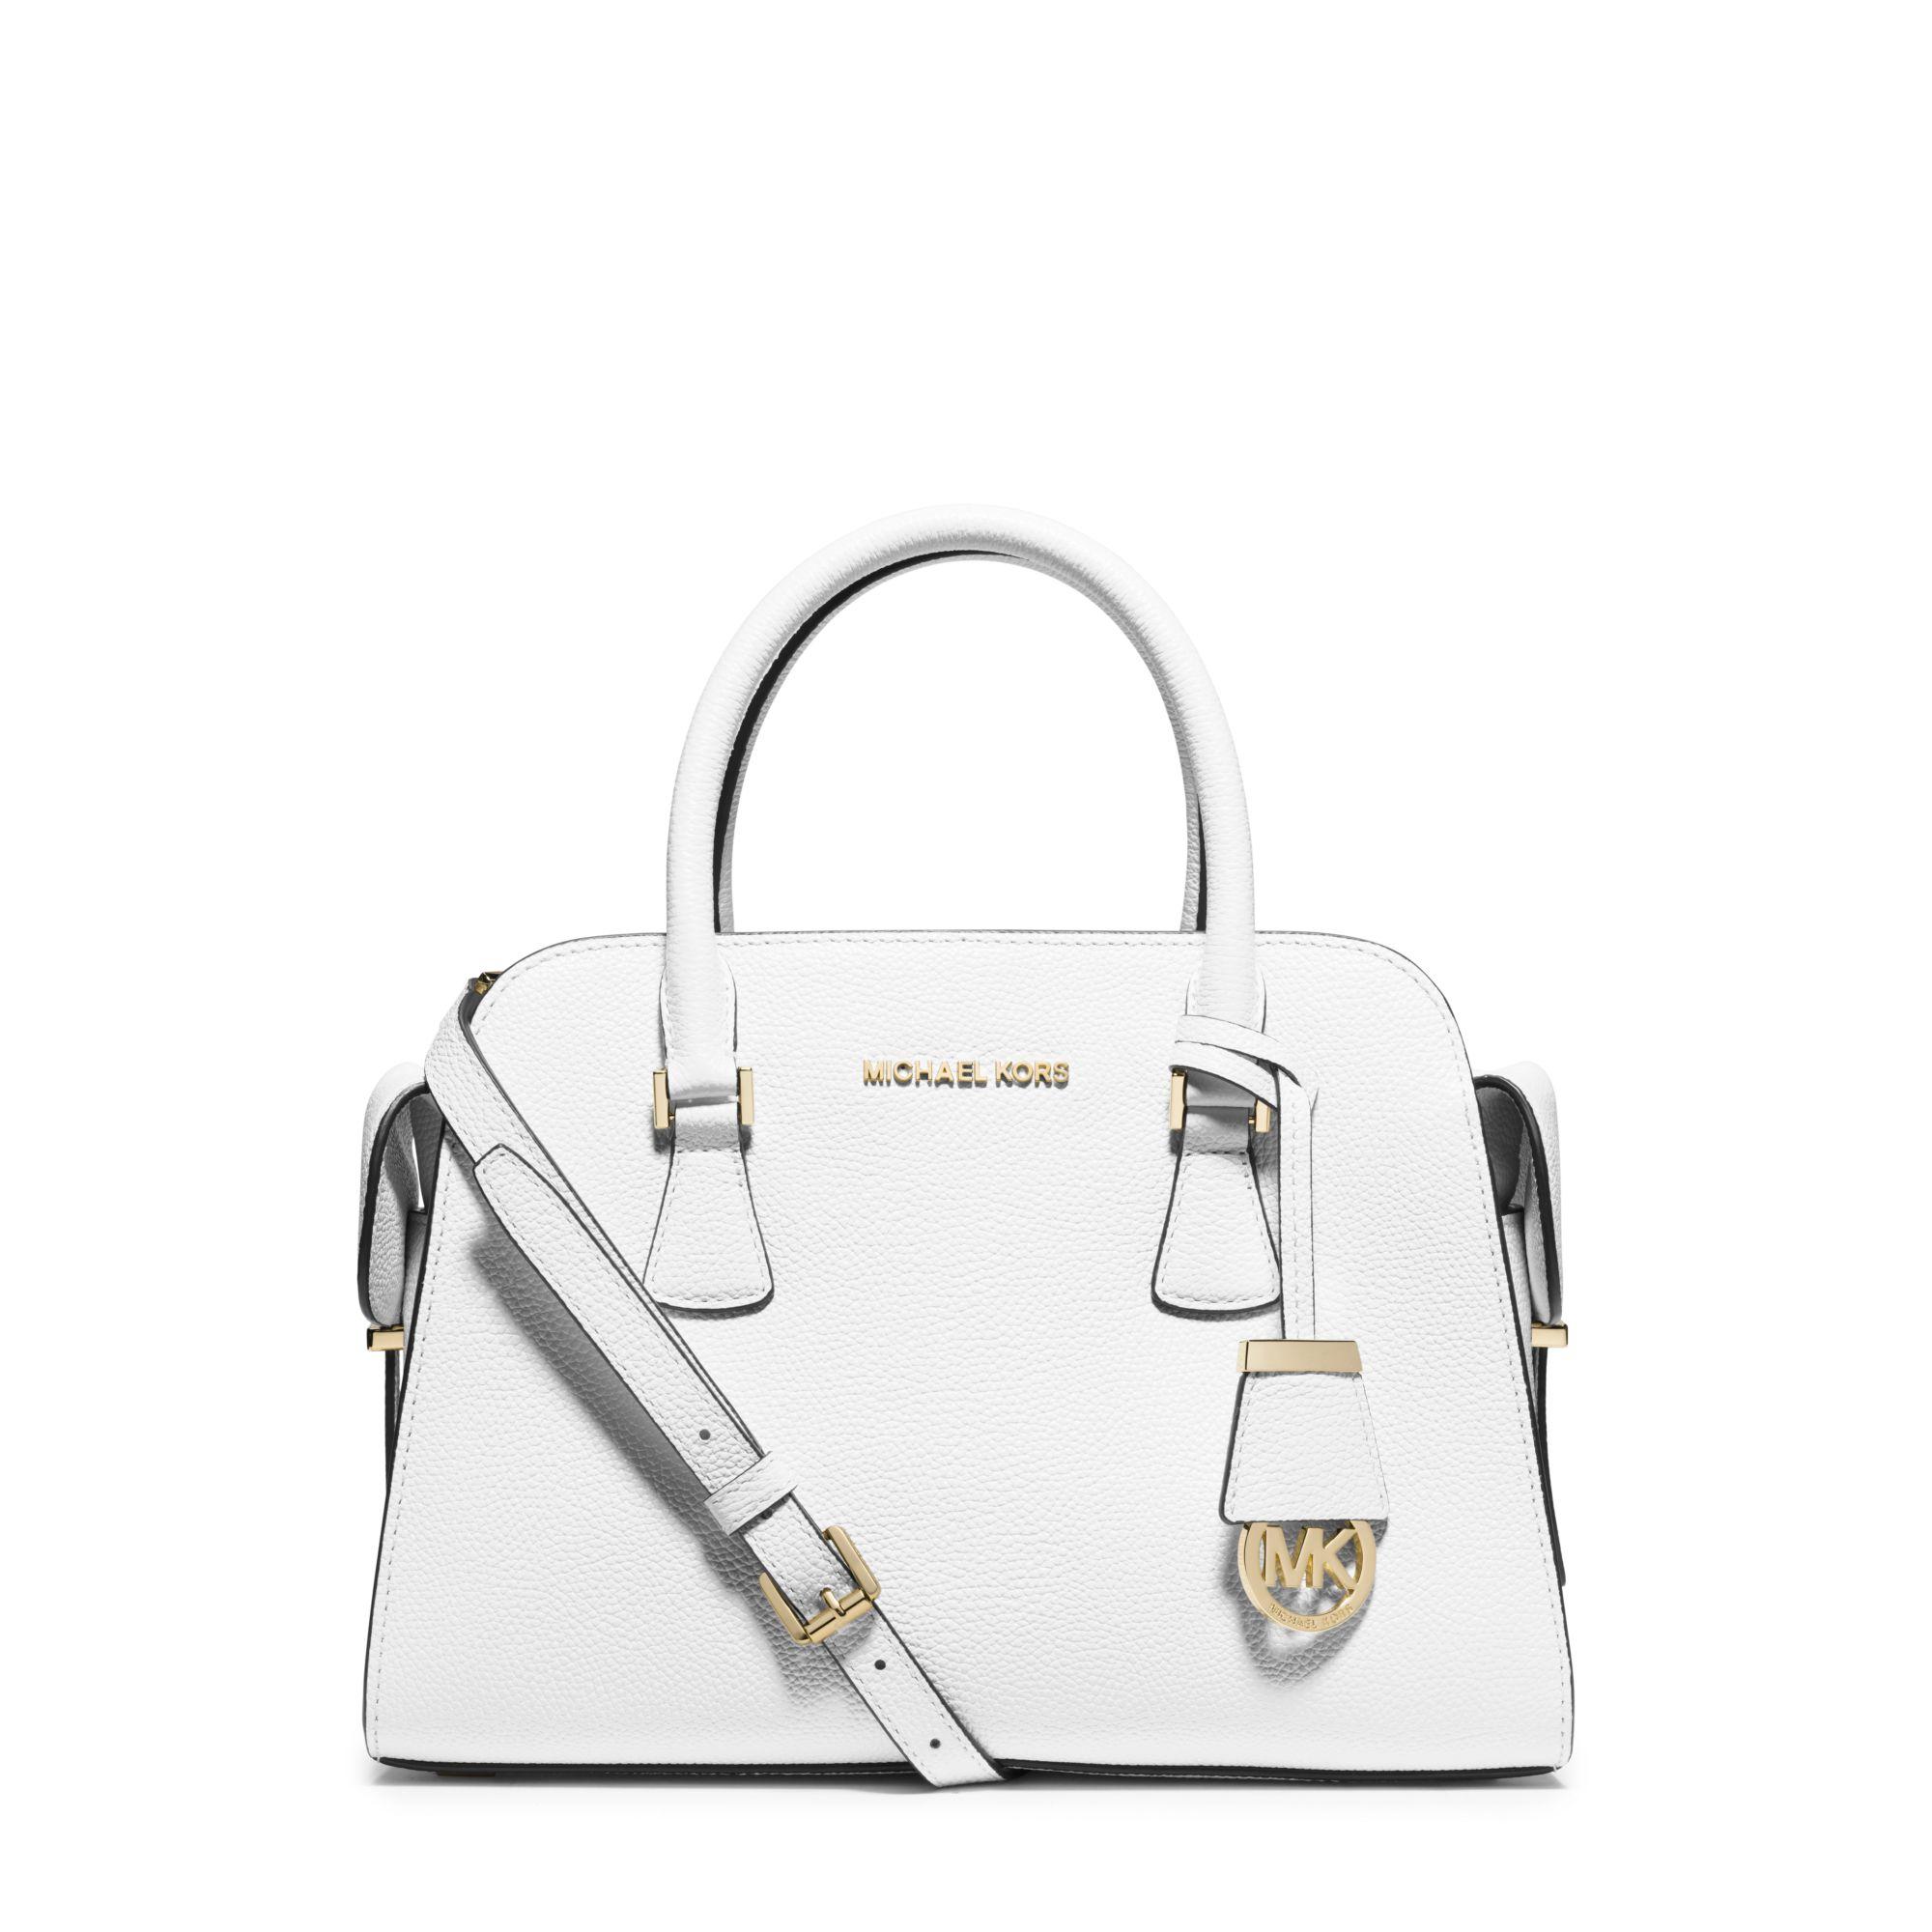 028924c2739d 6eda0 5f8ca; sale lyst michael kors harper medium leather satchel in white  9ecdc 3c715